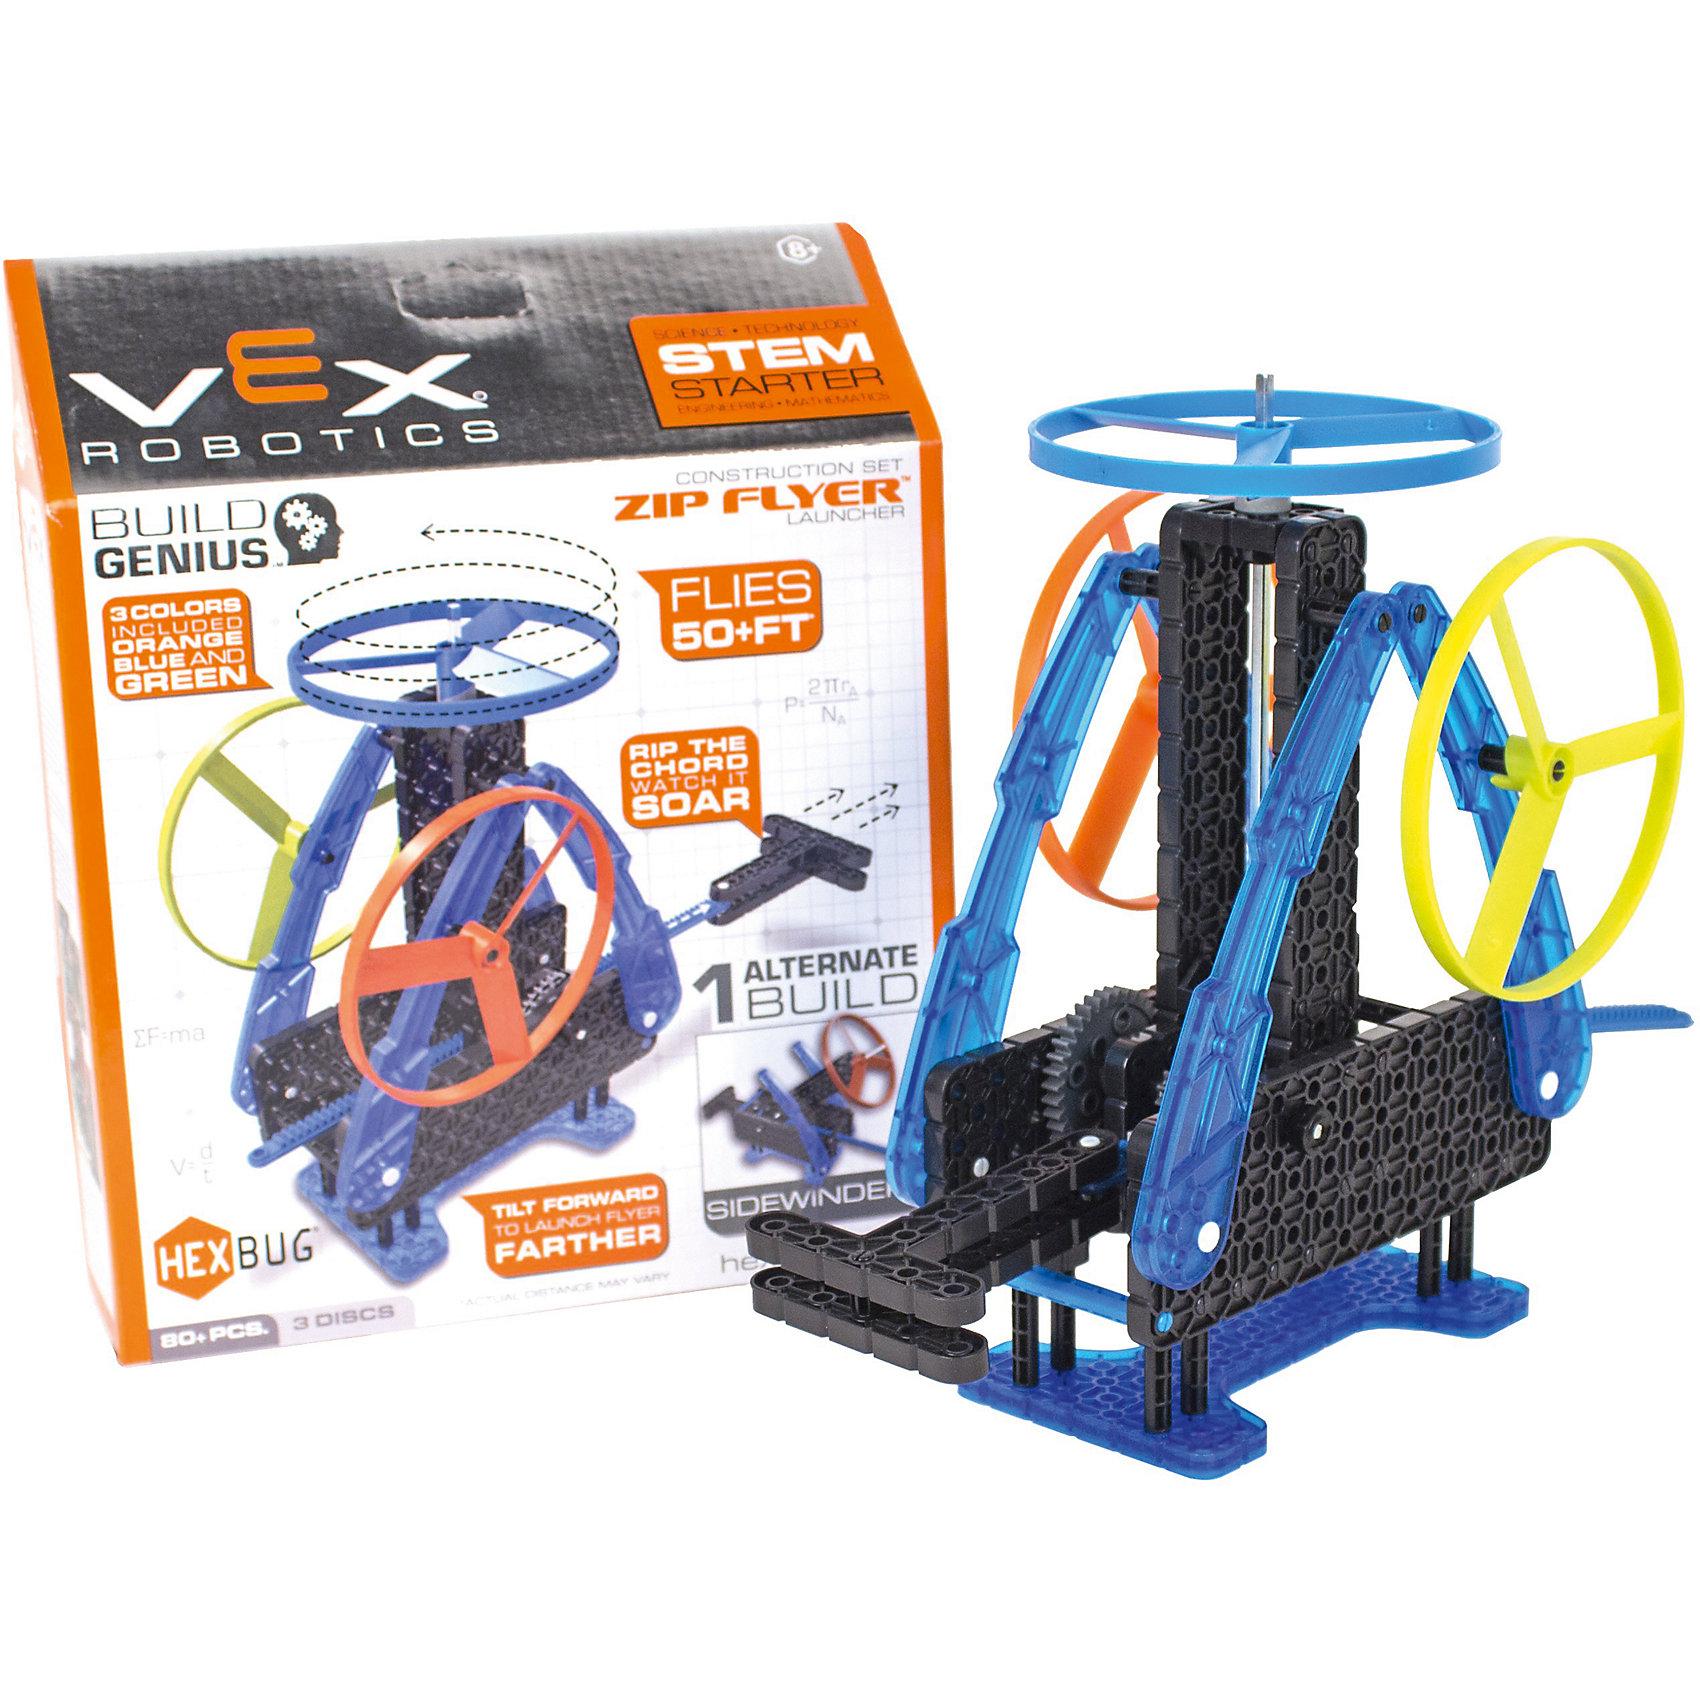 Конструктор VEX Zip Flyer, 80 деталей, HexbugПластмассовые конструкторы<br>Конструктор VEX Zip Flyer, 80 деталей, Hexbug (Хексбаг)<br><br>Характеристики:<br><br>• запускает винт вверх<br>• дальность действия: до 10 метров<br>• количество деталей: 80<br>• материал: пластик<br><br>Уникальный конструктор Zip Flyer позволит ребенку собрать небольшую установку, способную запустить винт вверх на расстояние до 10 метров. Конструктор собирается из 80 деталей. Запуск винта возможен со стола или с рук.  Ребенок сможет наглядно познакомиться с основами механики и физики.<br><br>Конструктор VEX Zip Flyer, 80 деталей, Hexbug (Хексбаг) вы можете купить в нашем интернет-магазине.<br><br>Ширина мм: 270<br>Глубина мм: 60<br>Высота мм: 200<br>Вес г: 380<br>Возраст от месяцев: 36<br>Возраст до месяцев: 2147483647<br>Пол: Унисекс<br>Возраст: Детский<br>SKU: 5506934